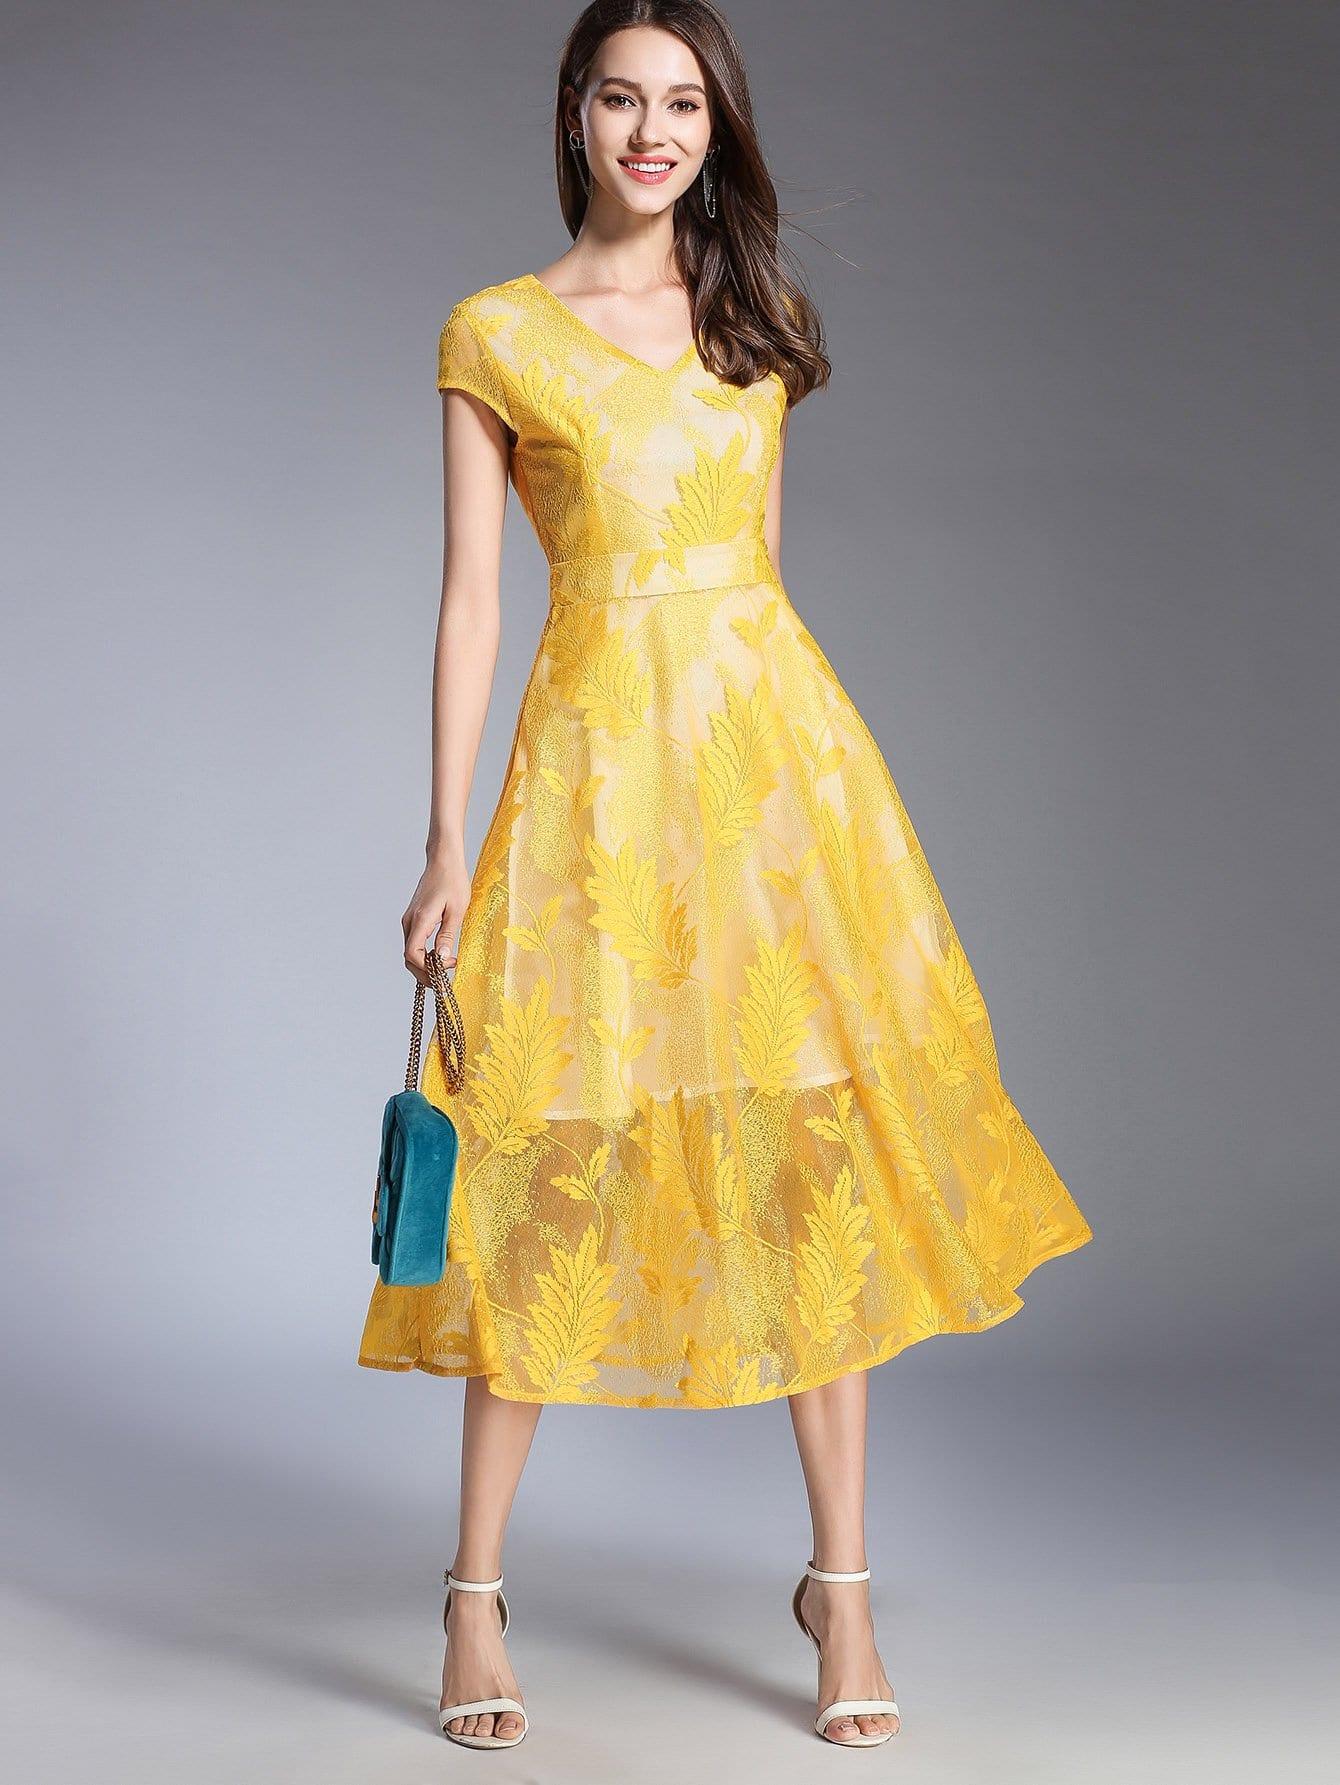 Купить Платье с рисунками сетчатых листьев, null, SheIn